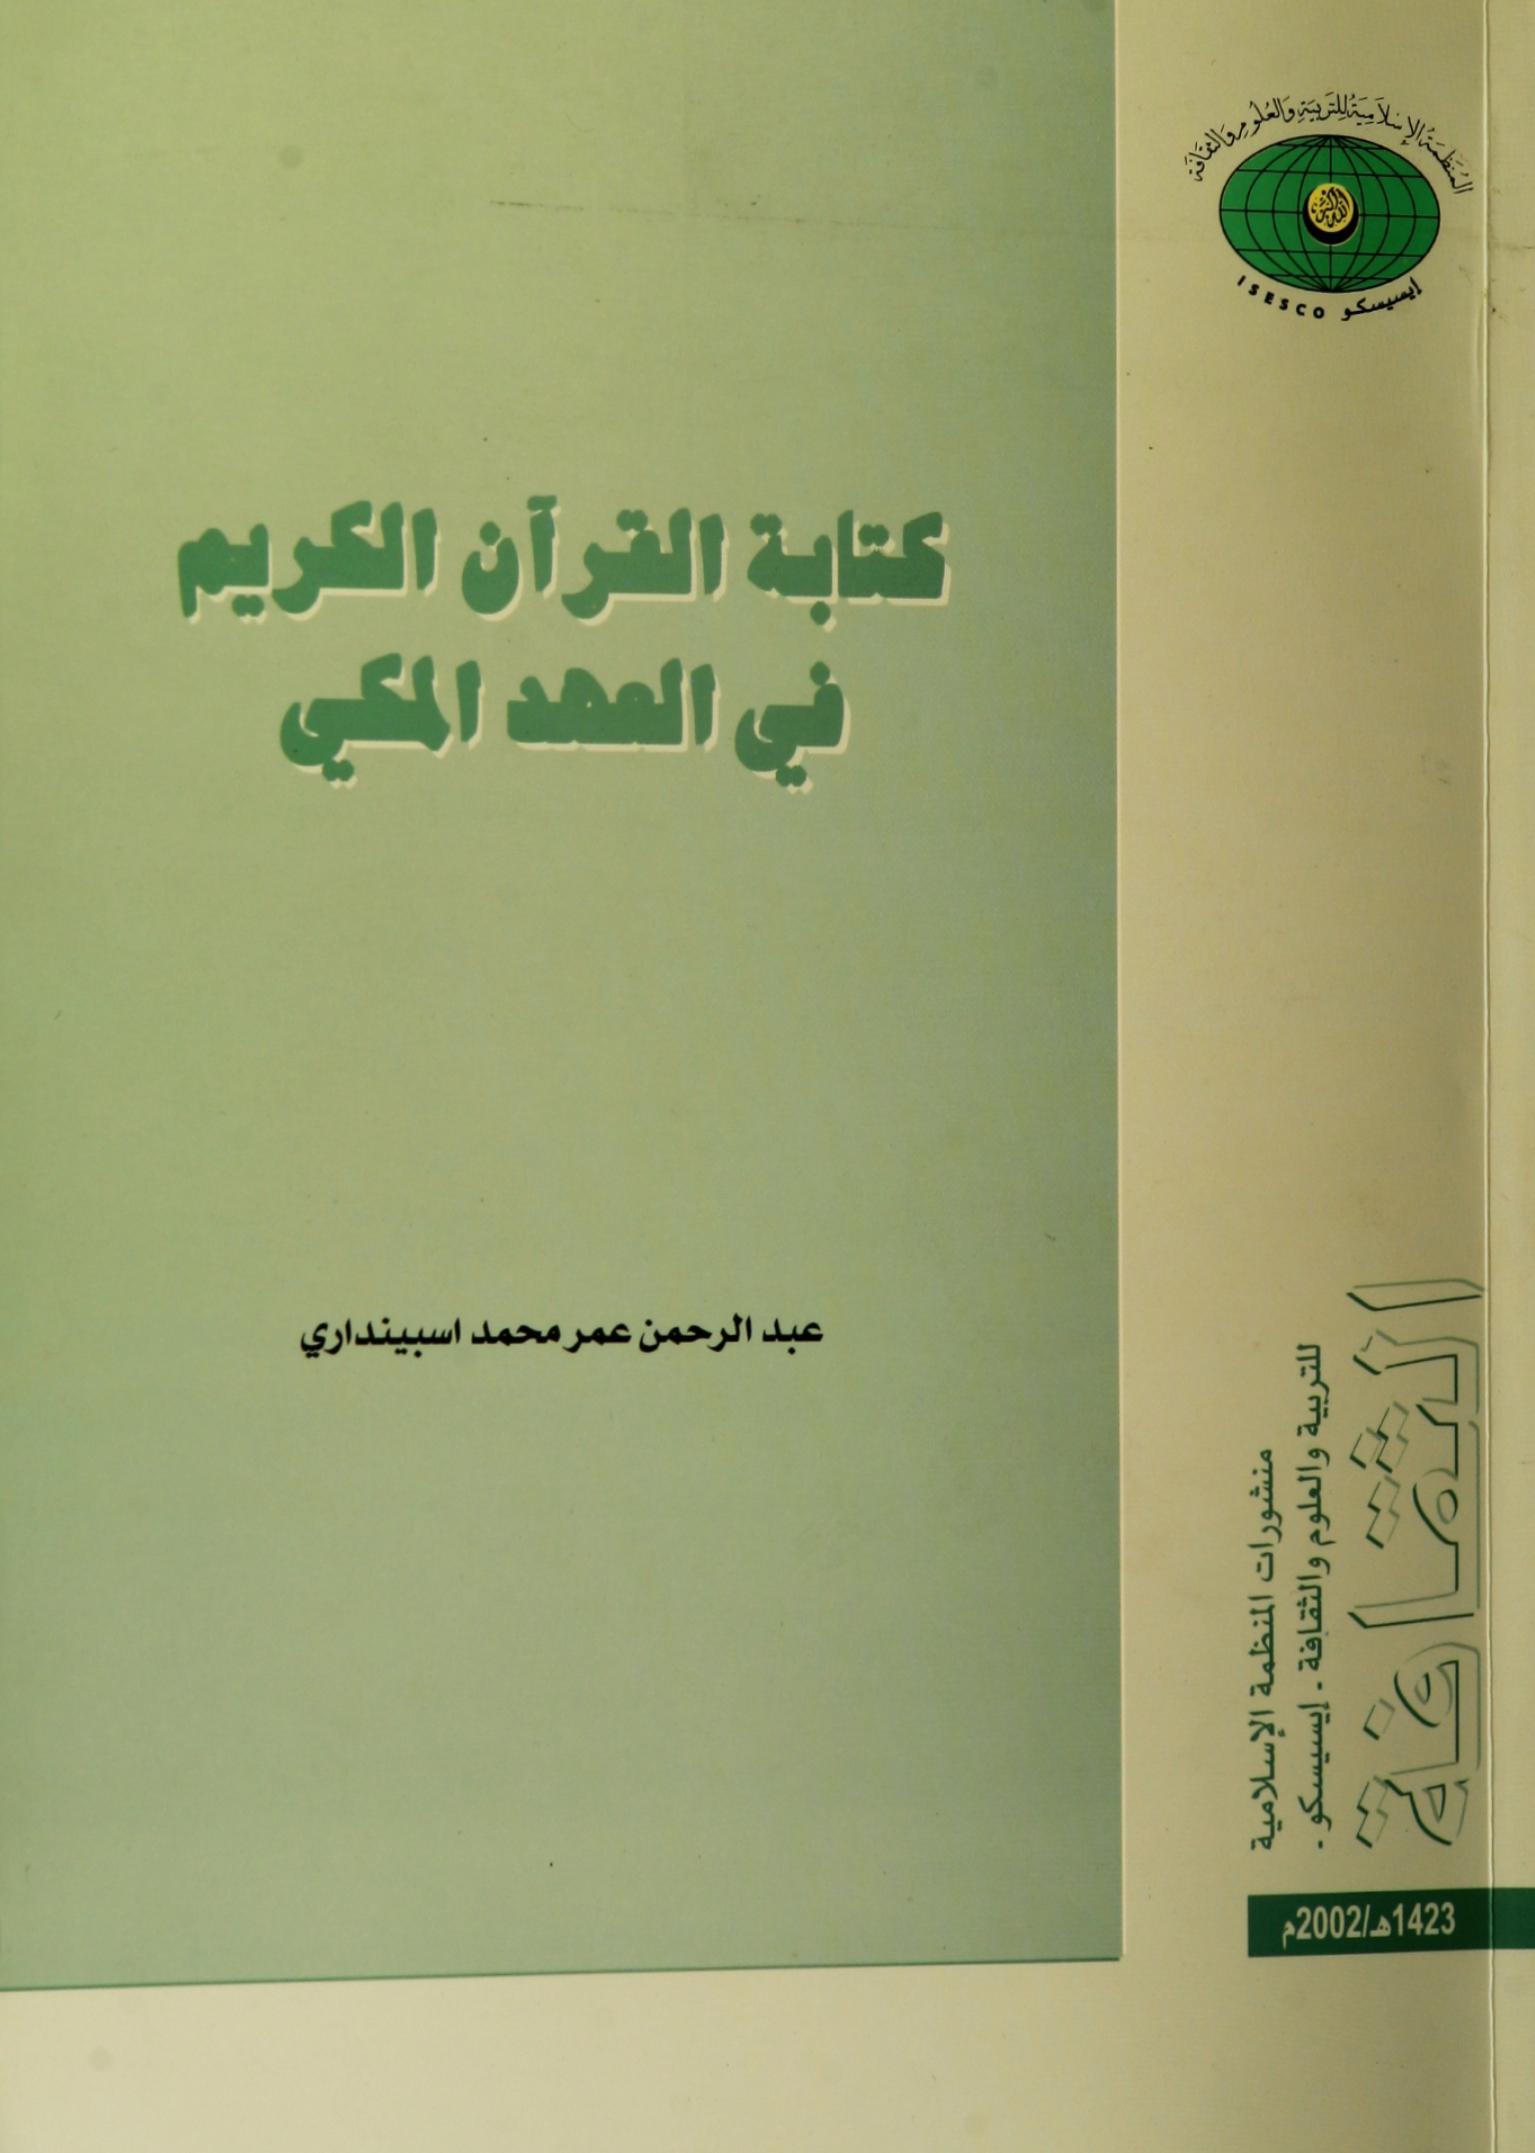 تحميل كتاب كتابة القرآن الكريم في العهد المكي لـِ: الدكتور عبد الرحمن عمر محمد اسبينداري